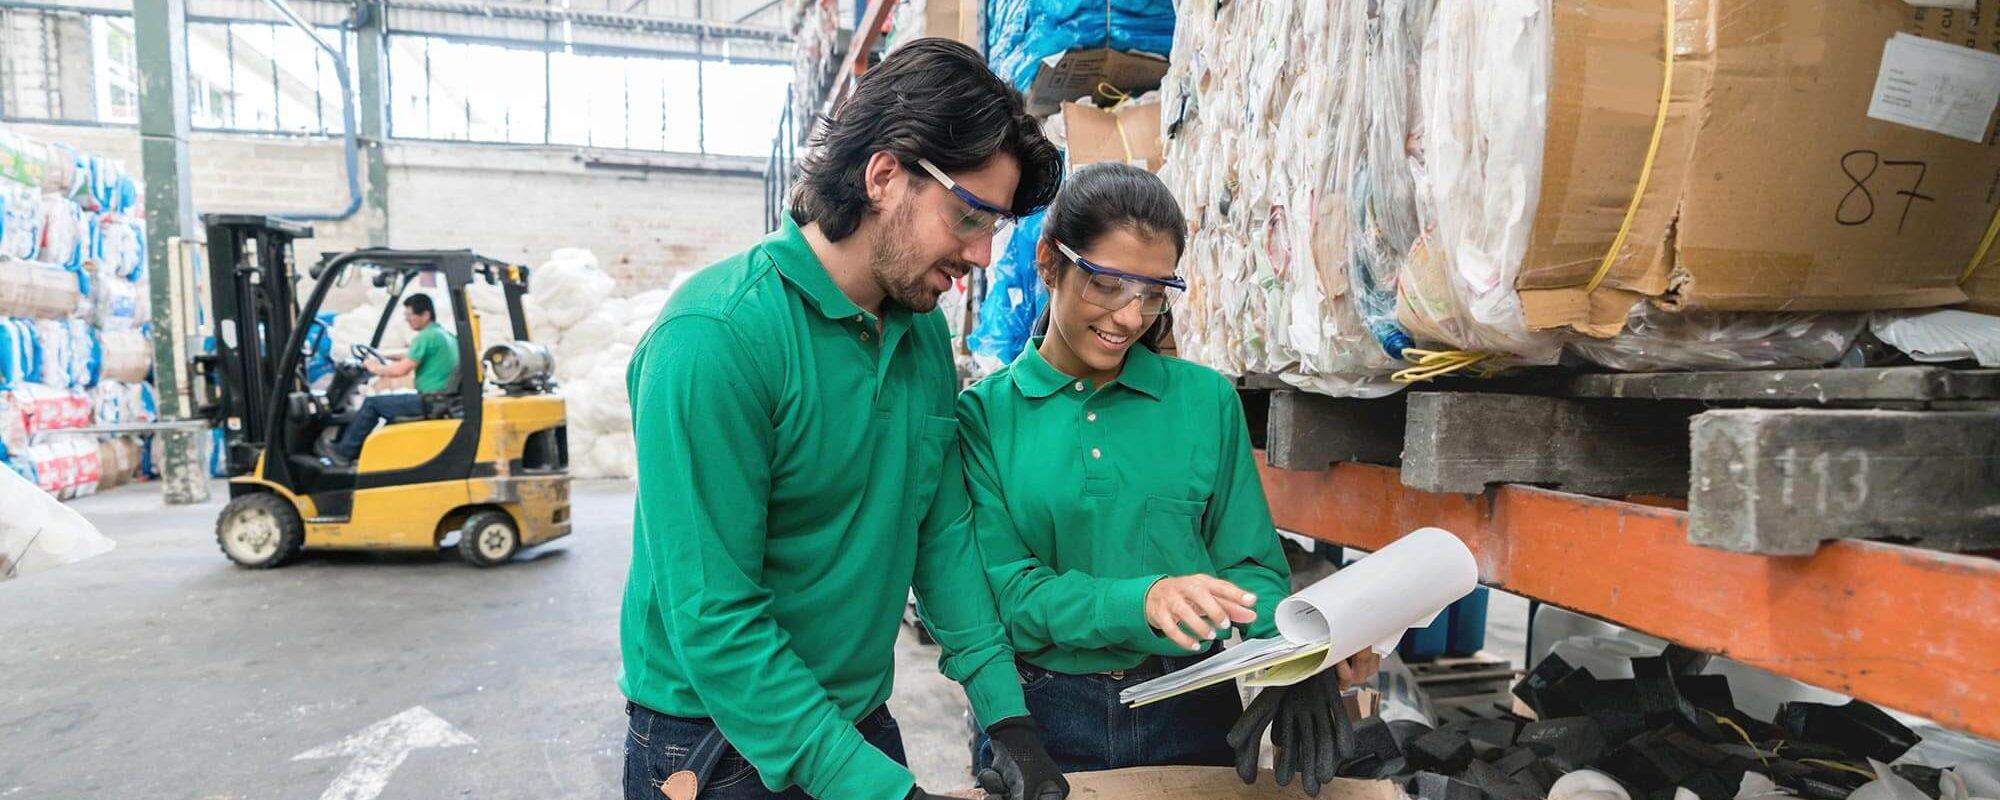 Notre centre de tri avec tri optique permet de mieux séparer les déchets.